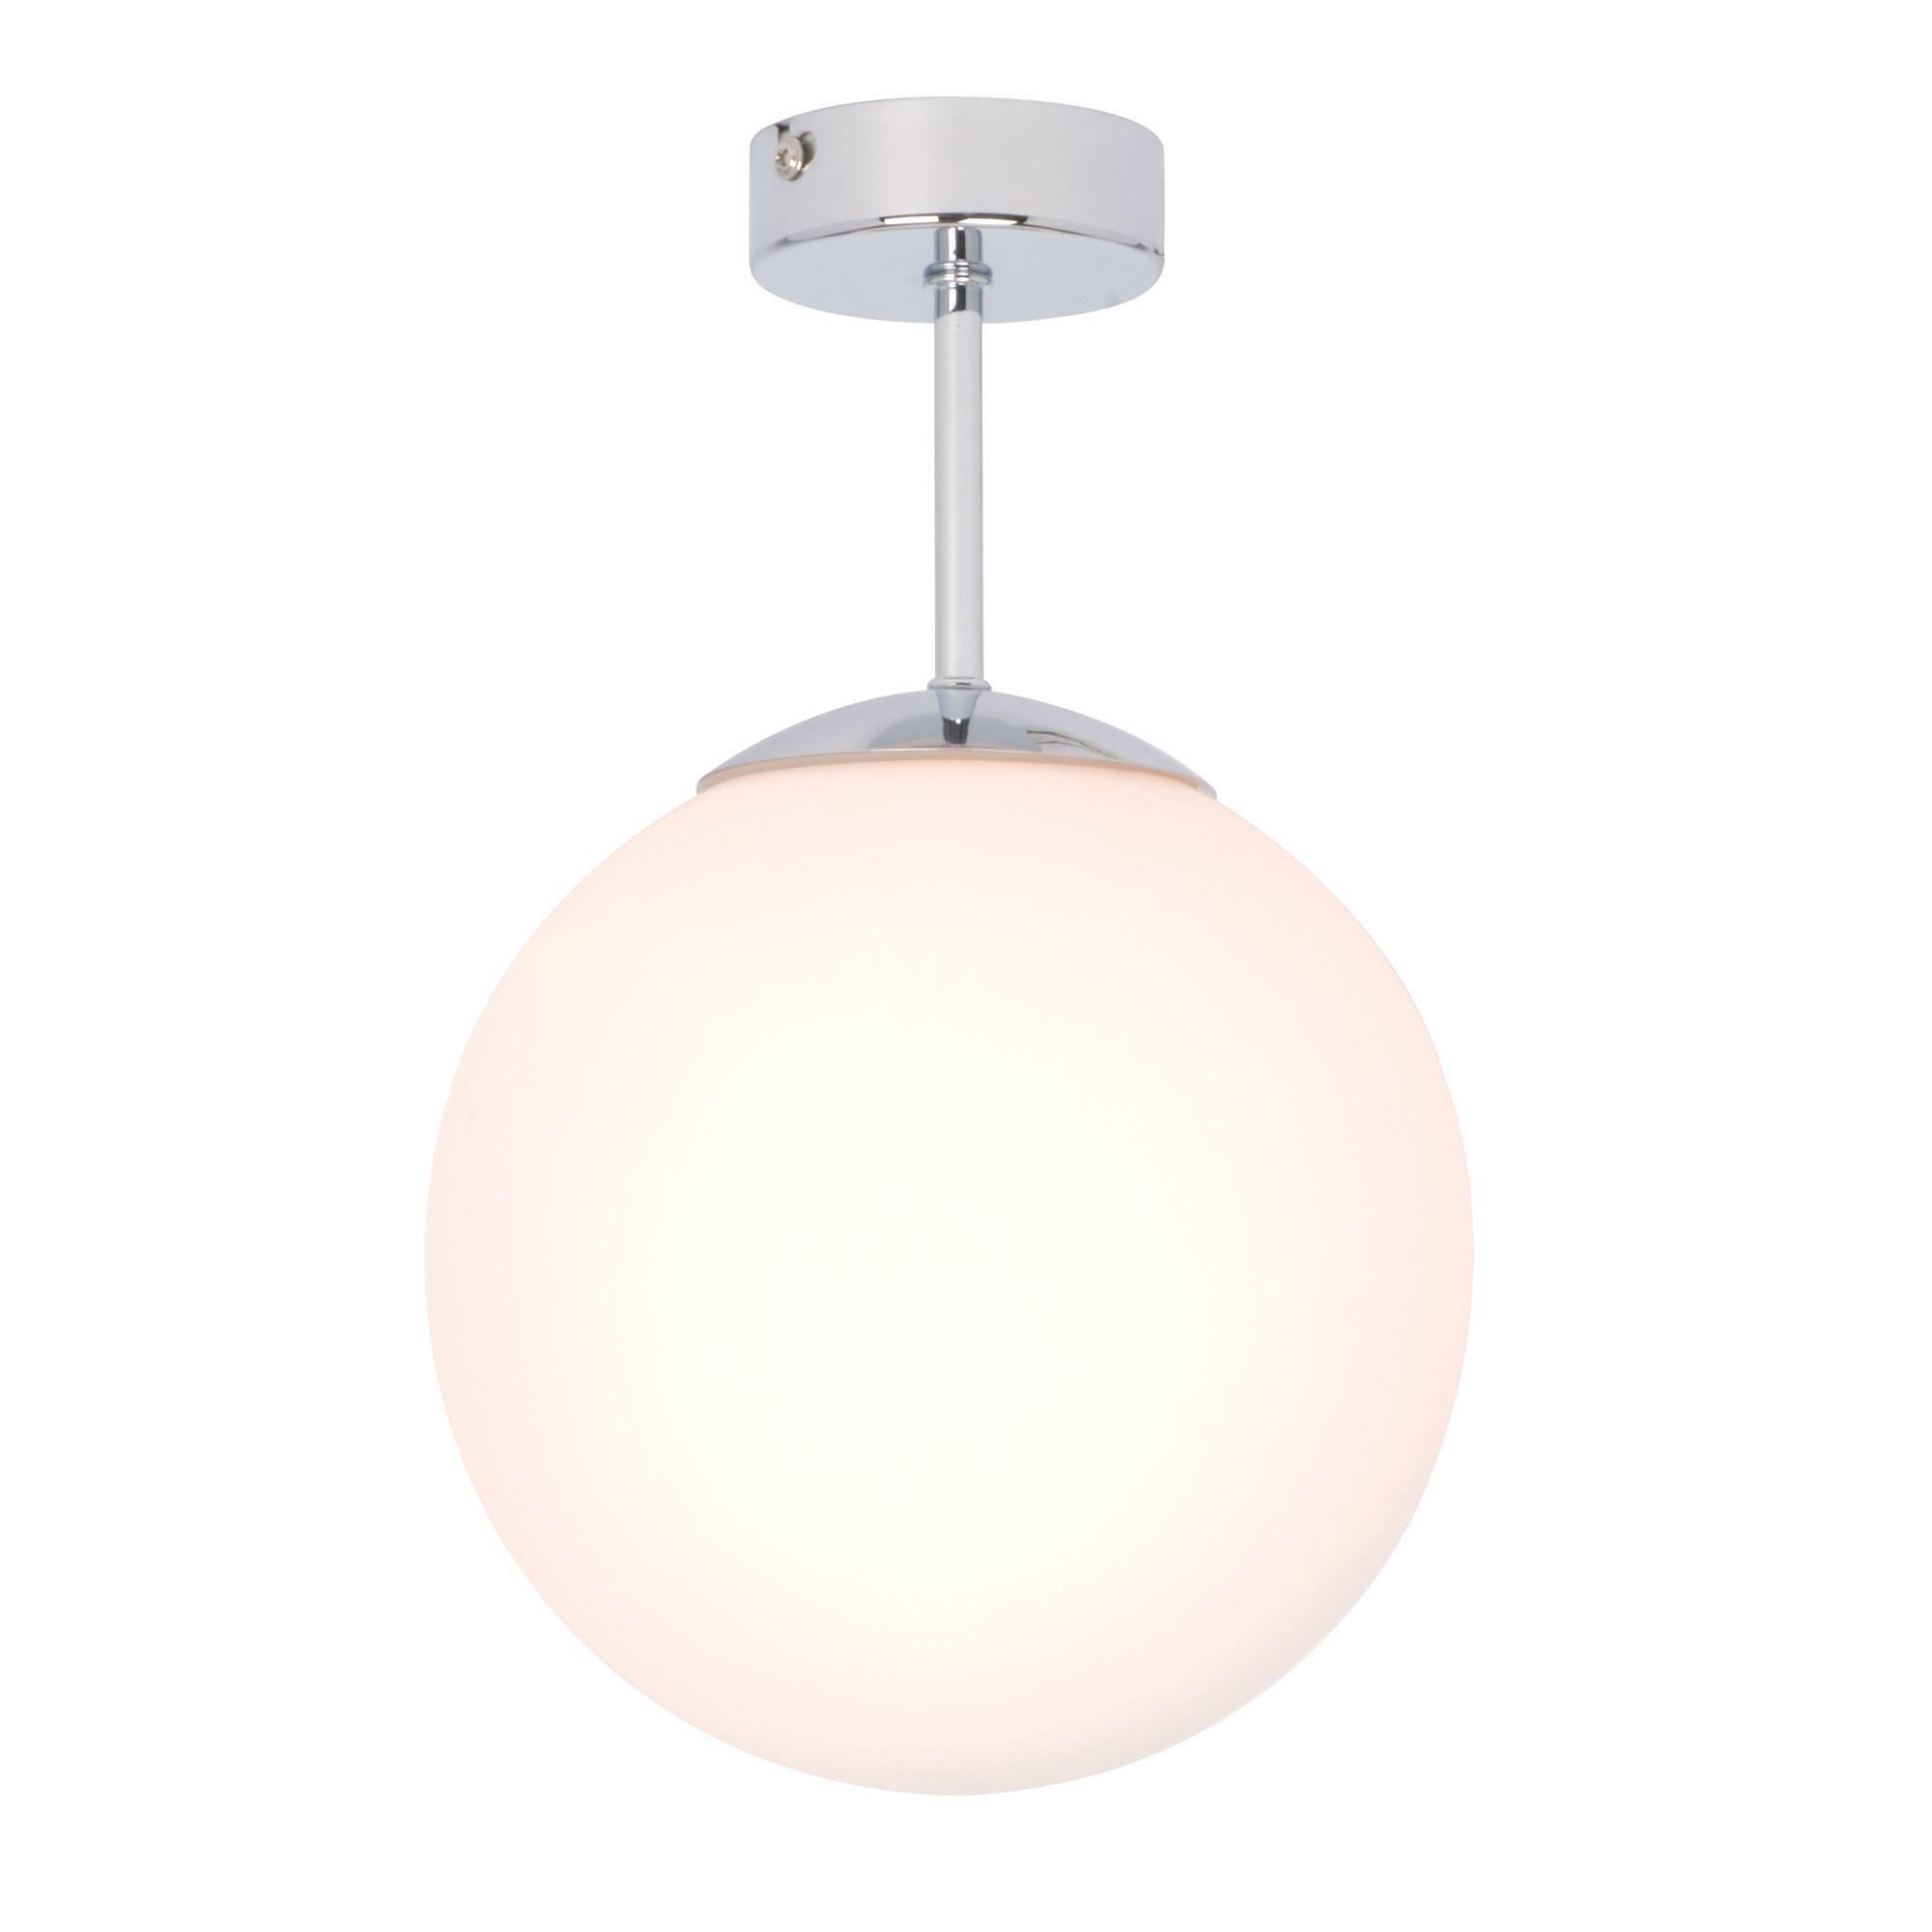 Splash Chrome Effect Bathroom Semi-Flush Light | Semi flush lighting ...